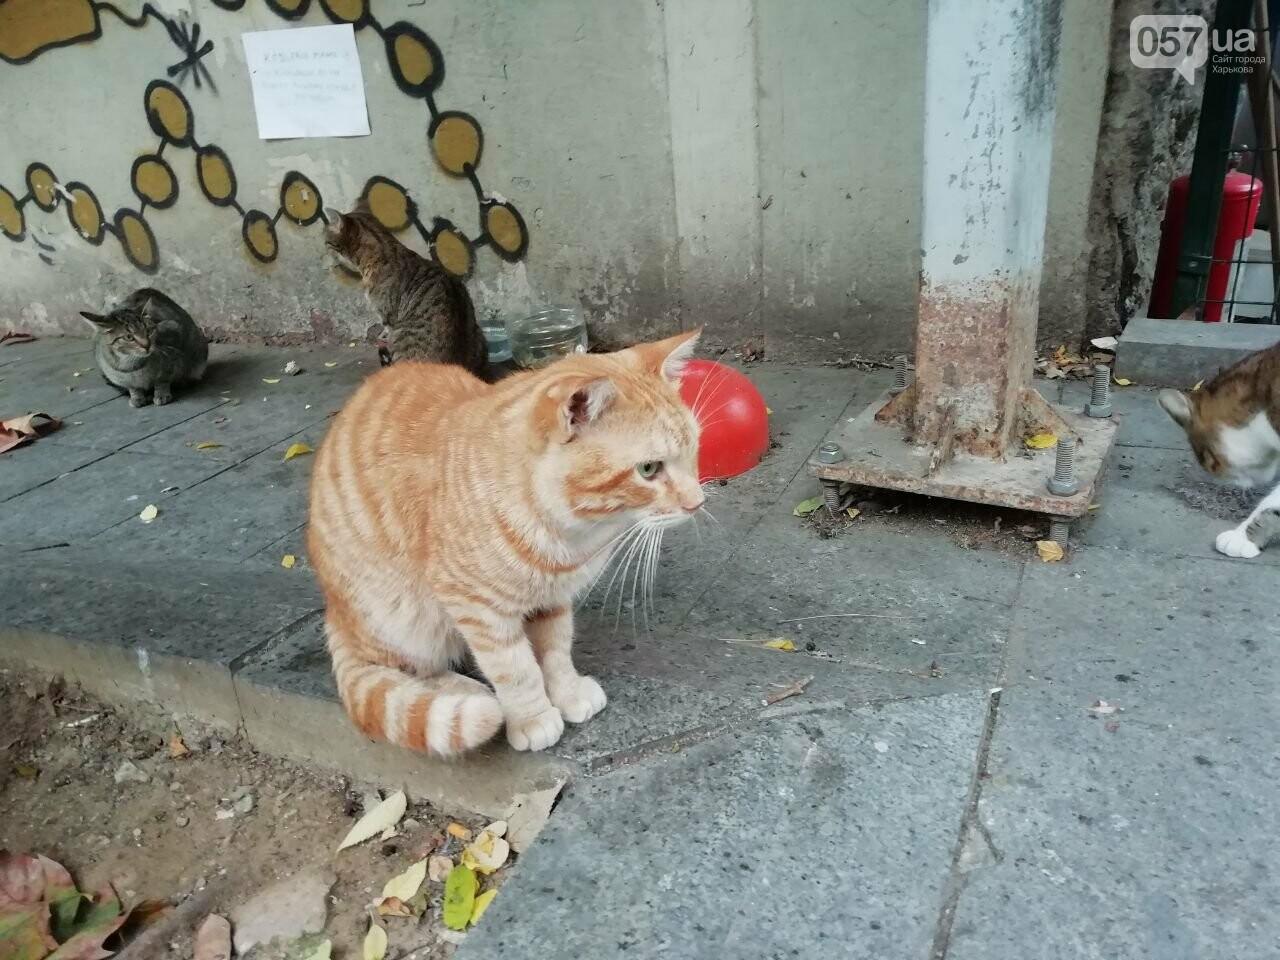 Из Харькова в Стамбул. Как добраться, что попробовать и на что посмотреть в турецком городе, - ФОТО, фото-46